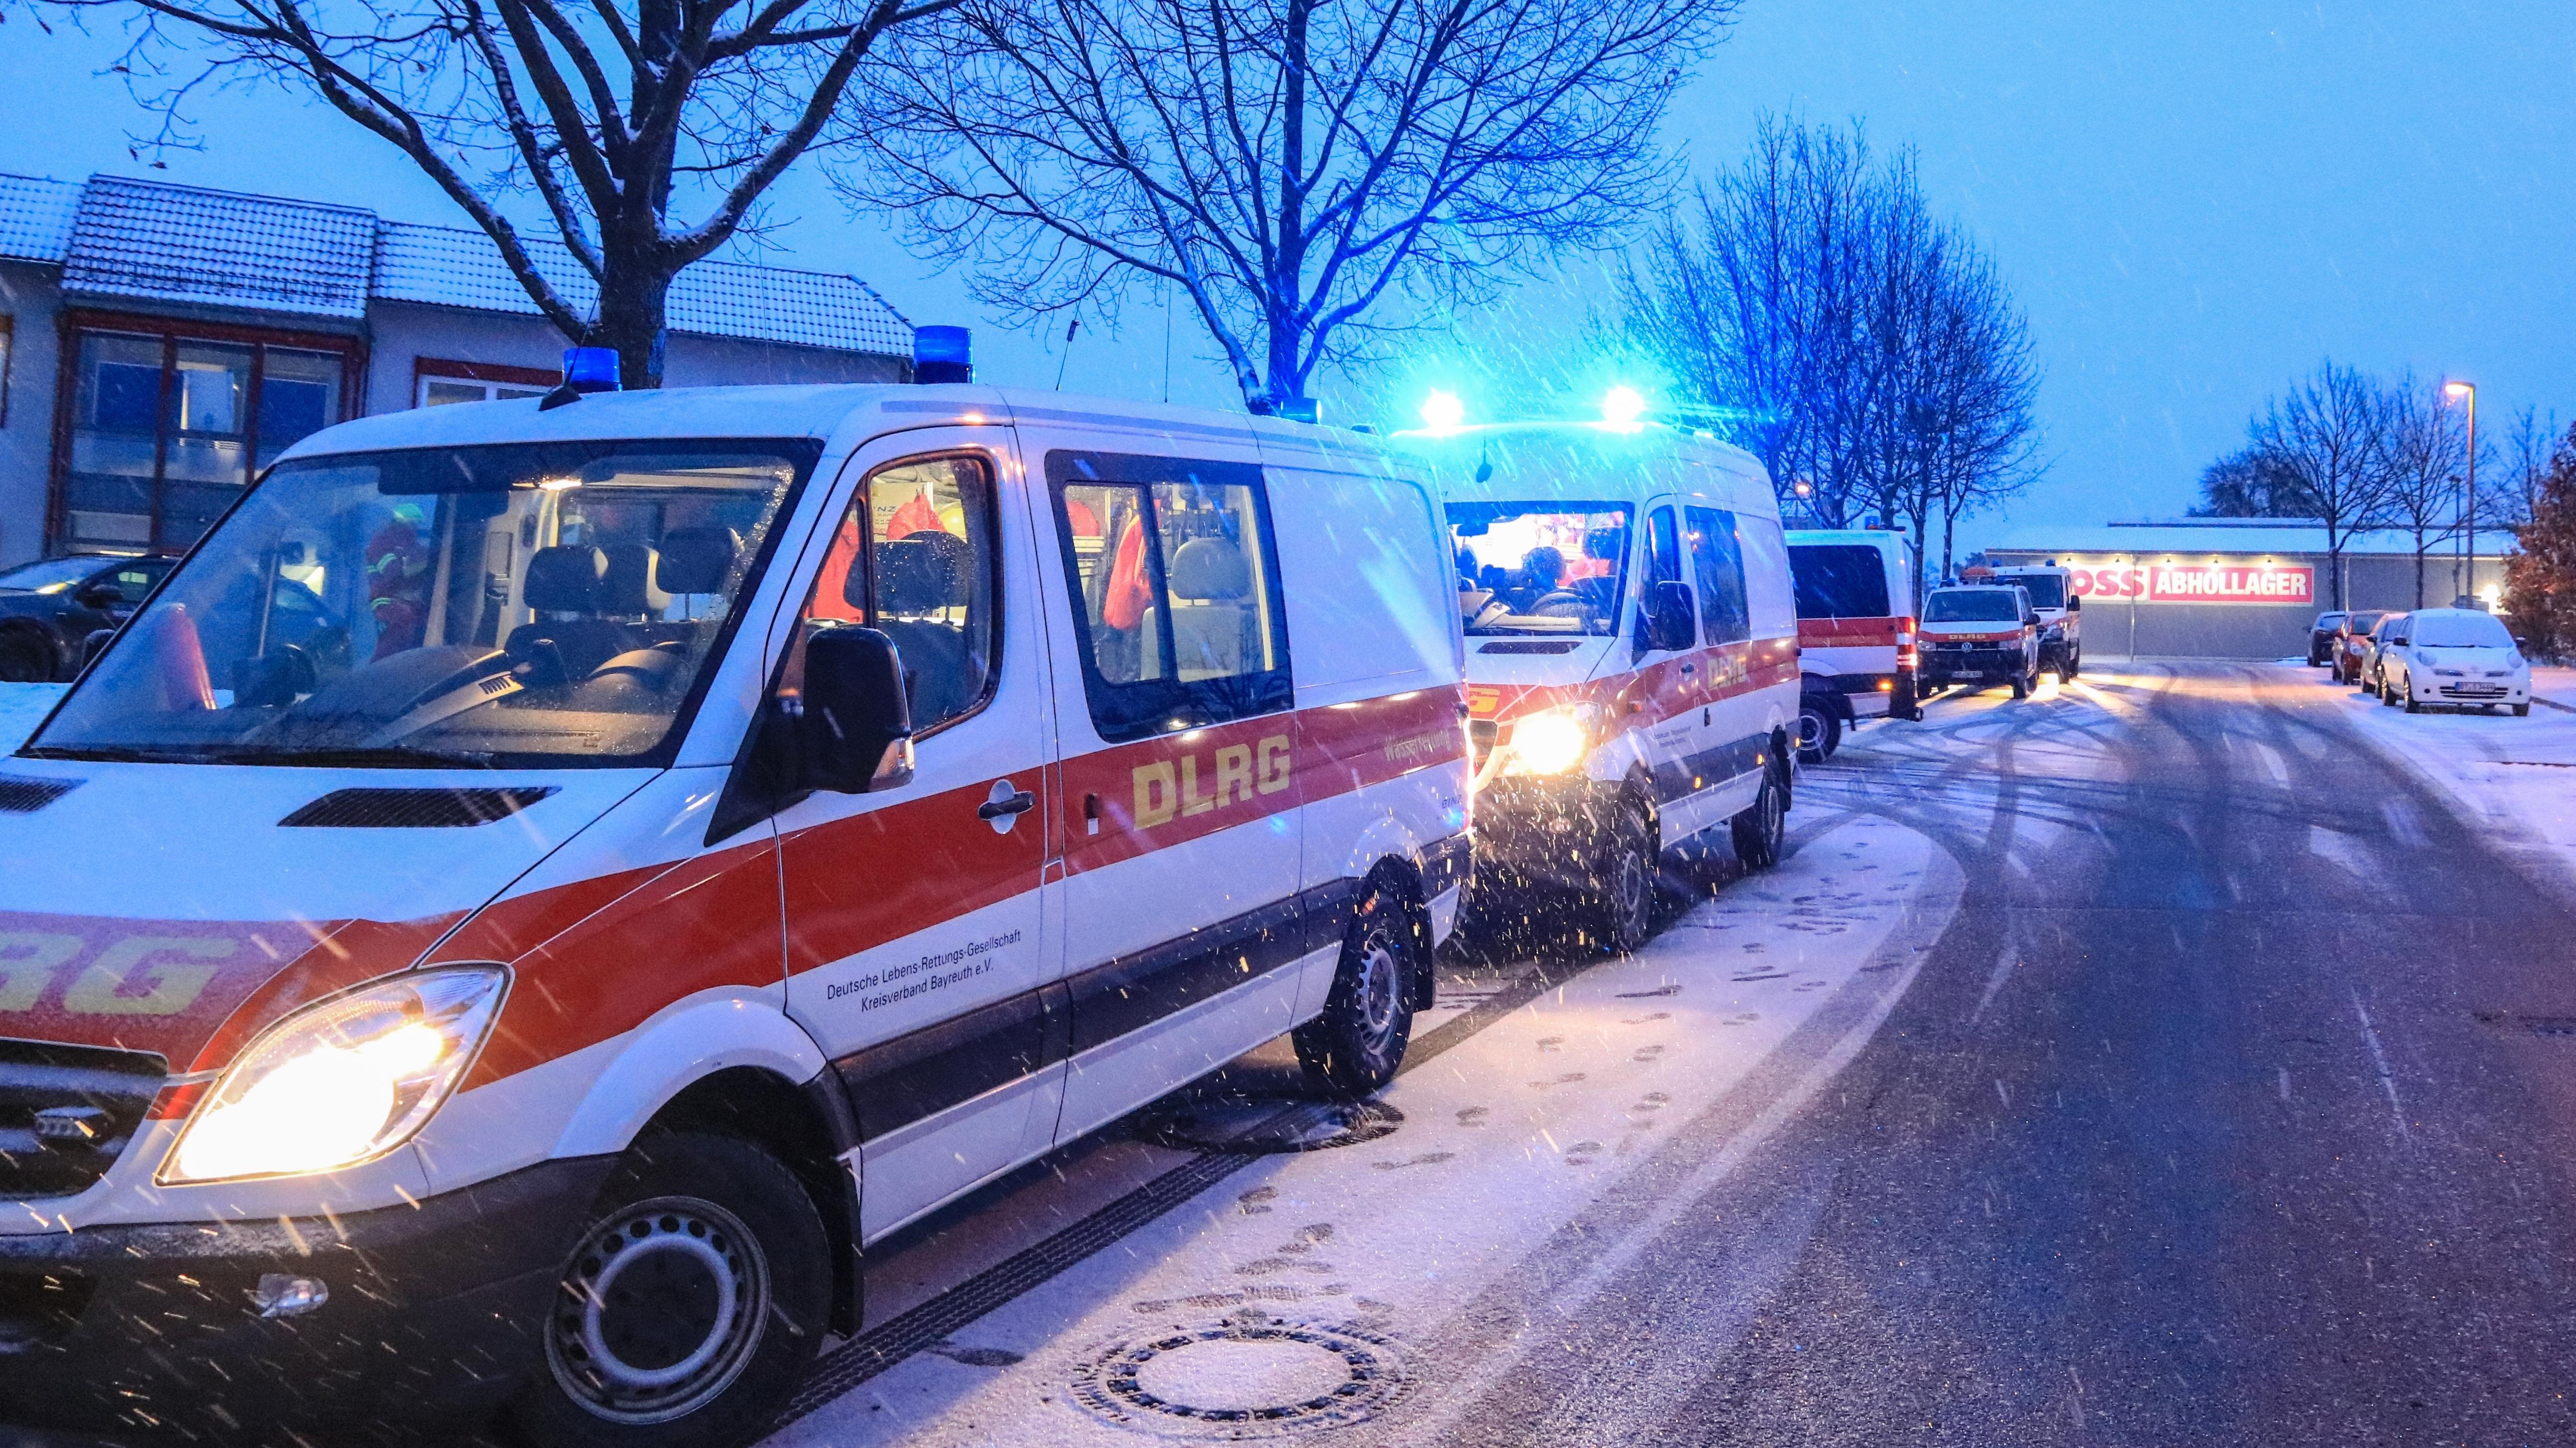 Konvoi von DLRG Kleintransportern startet in Bayreuth nach Traunstein